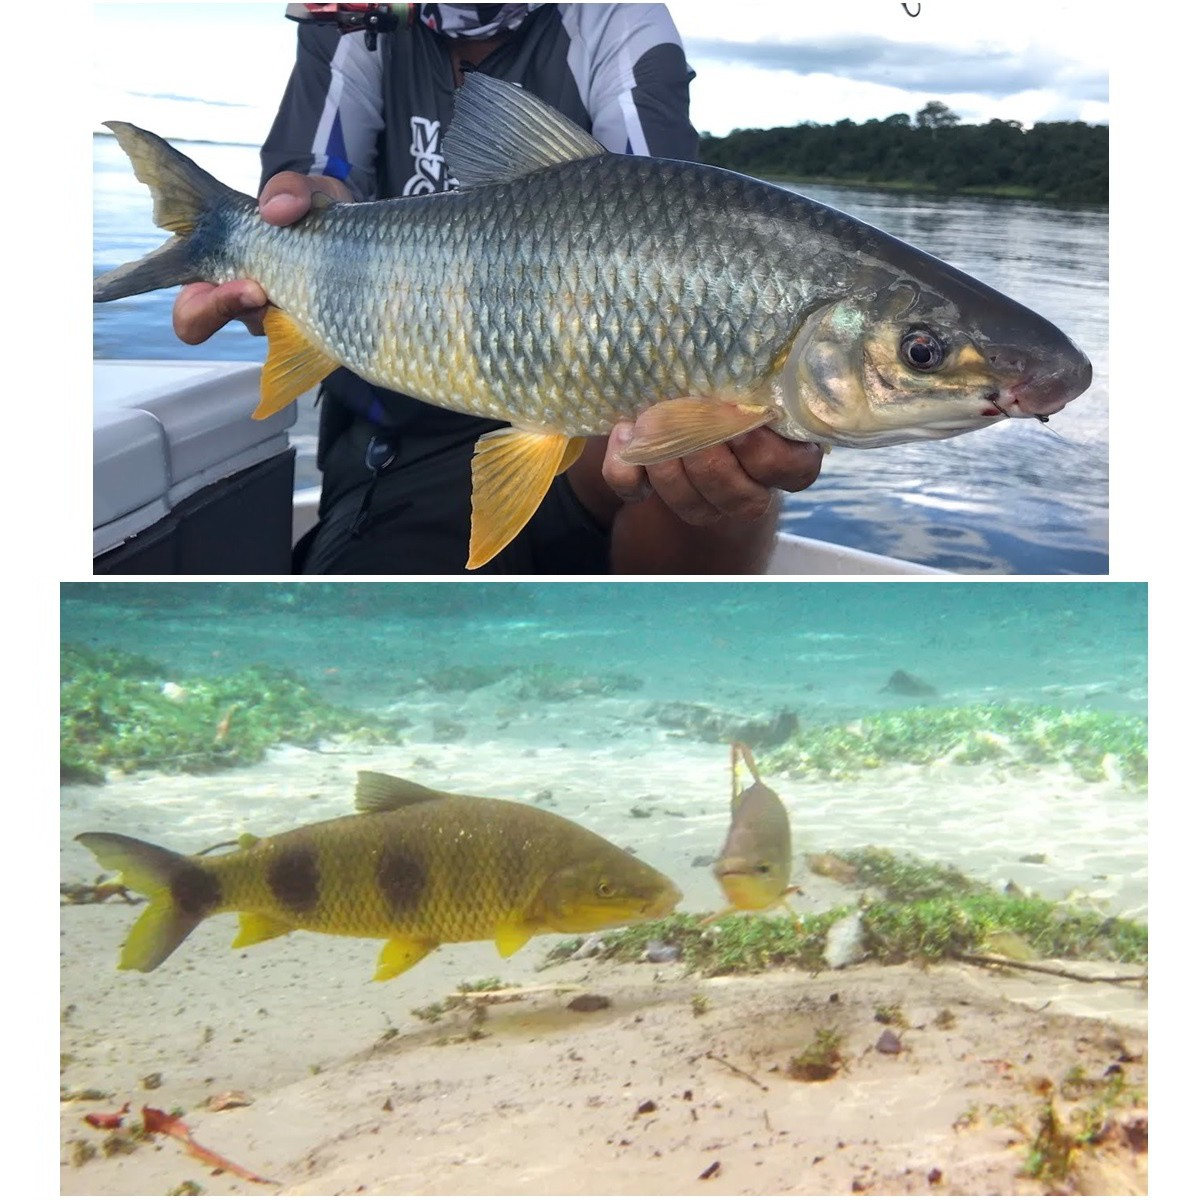 Caixa De Pesca Pescaria Completa Maleta Com Acessorios